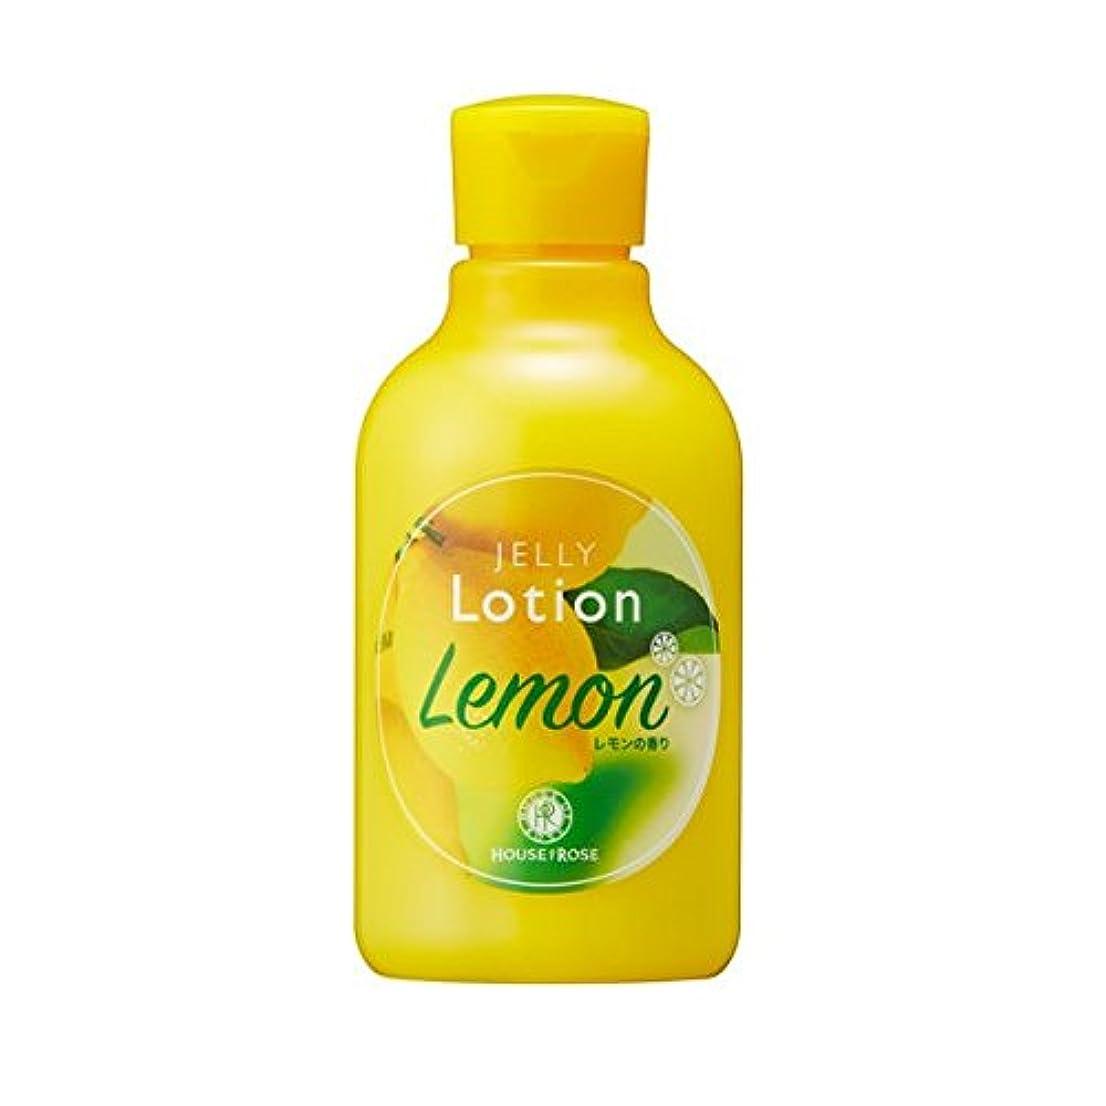 交通品揃え急行するHOUSE OF ROSE(ハウスオブローゼ) ハウスオブローゼ/ジェリーローション LM(レモンの香り)200mL